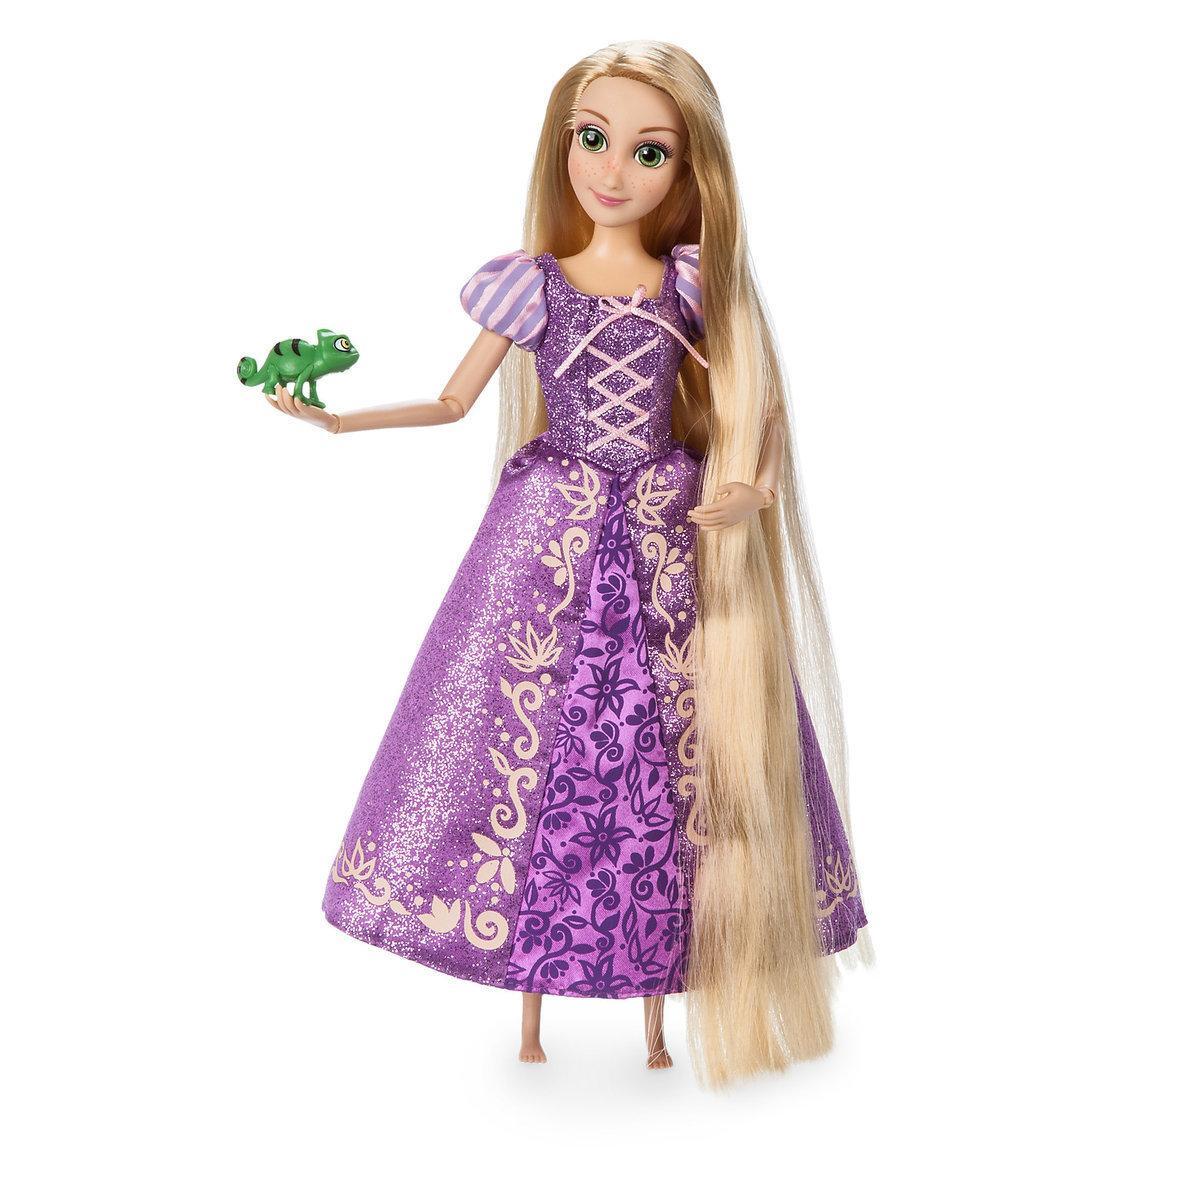 Disney Классическая кукла Рапунцель (Rapunzel) 30см - Запутанная истор